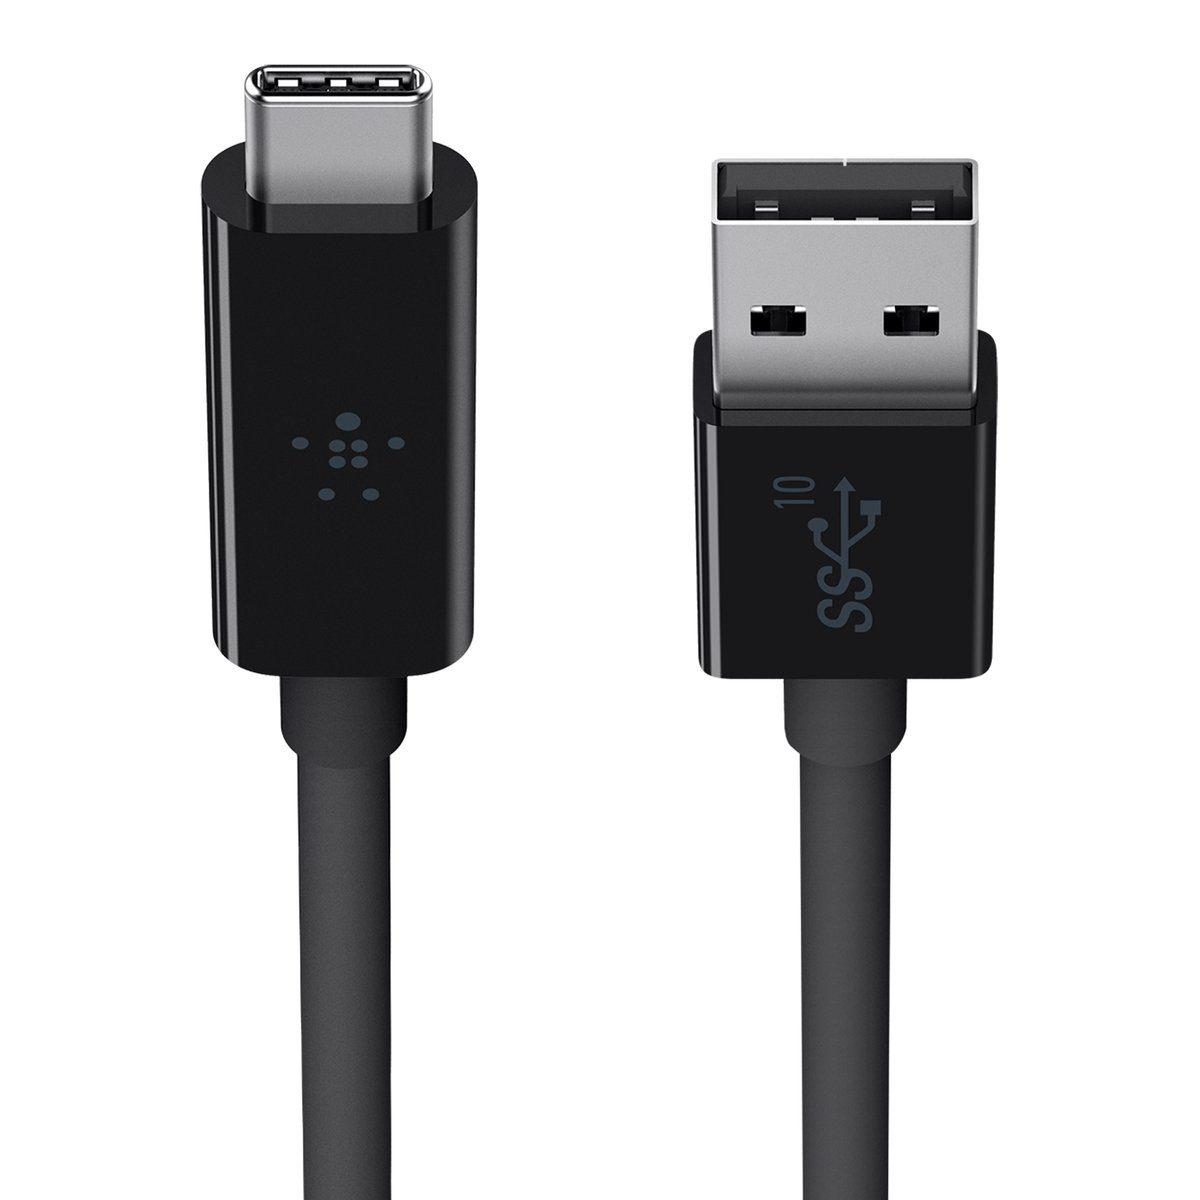 Belkin Lader »USB 3.1 SuperSpeed+ Kabel, USB-C auf USB-A«